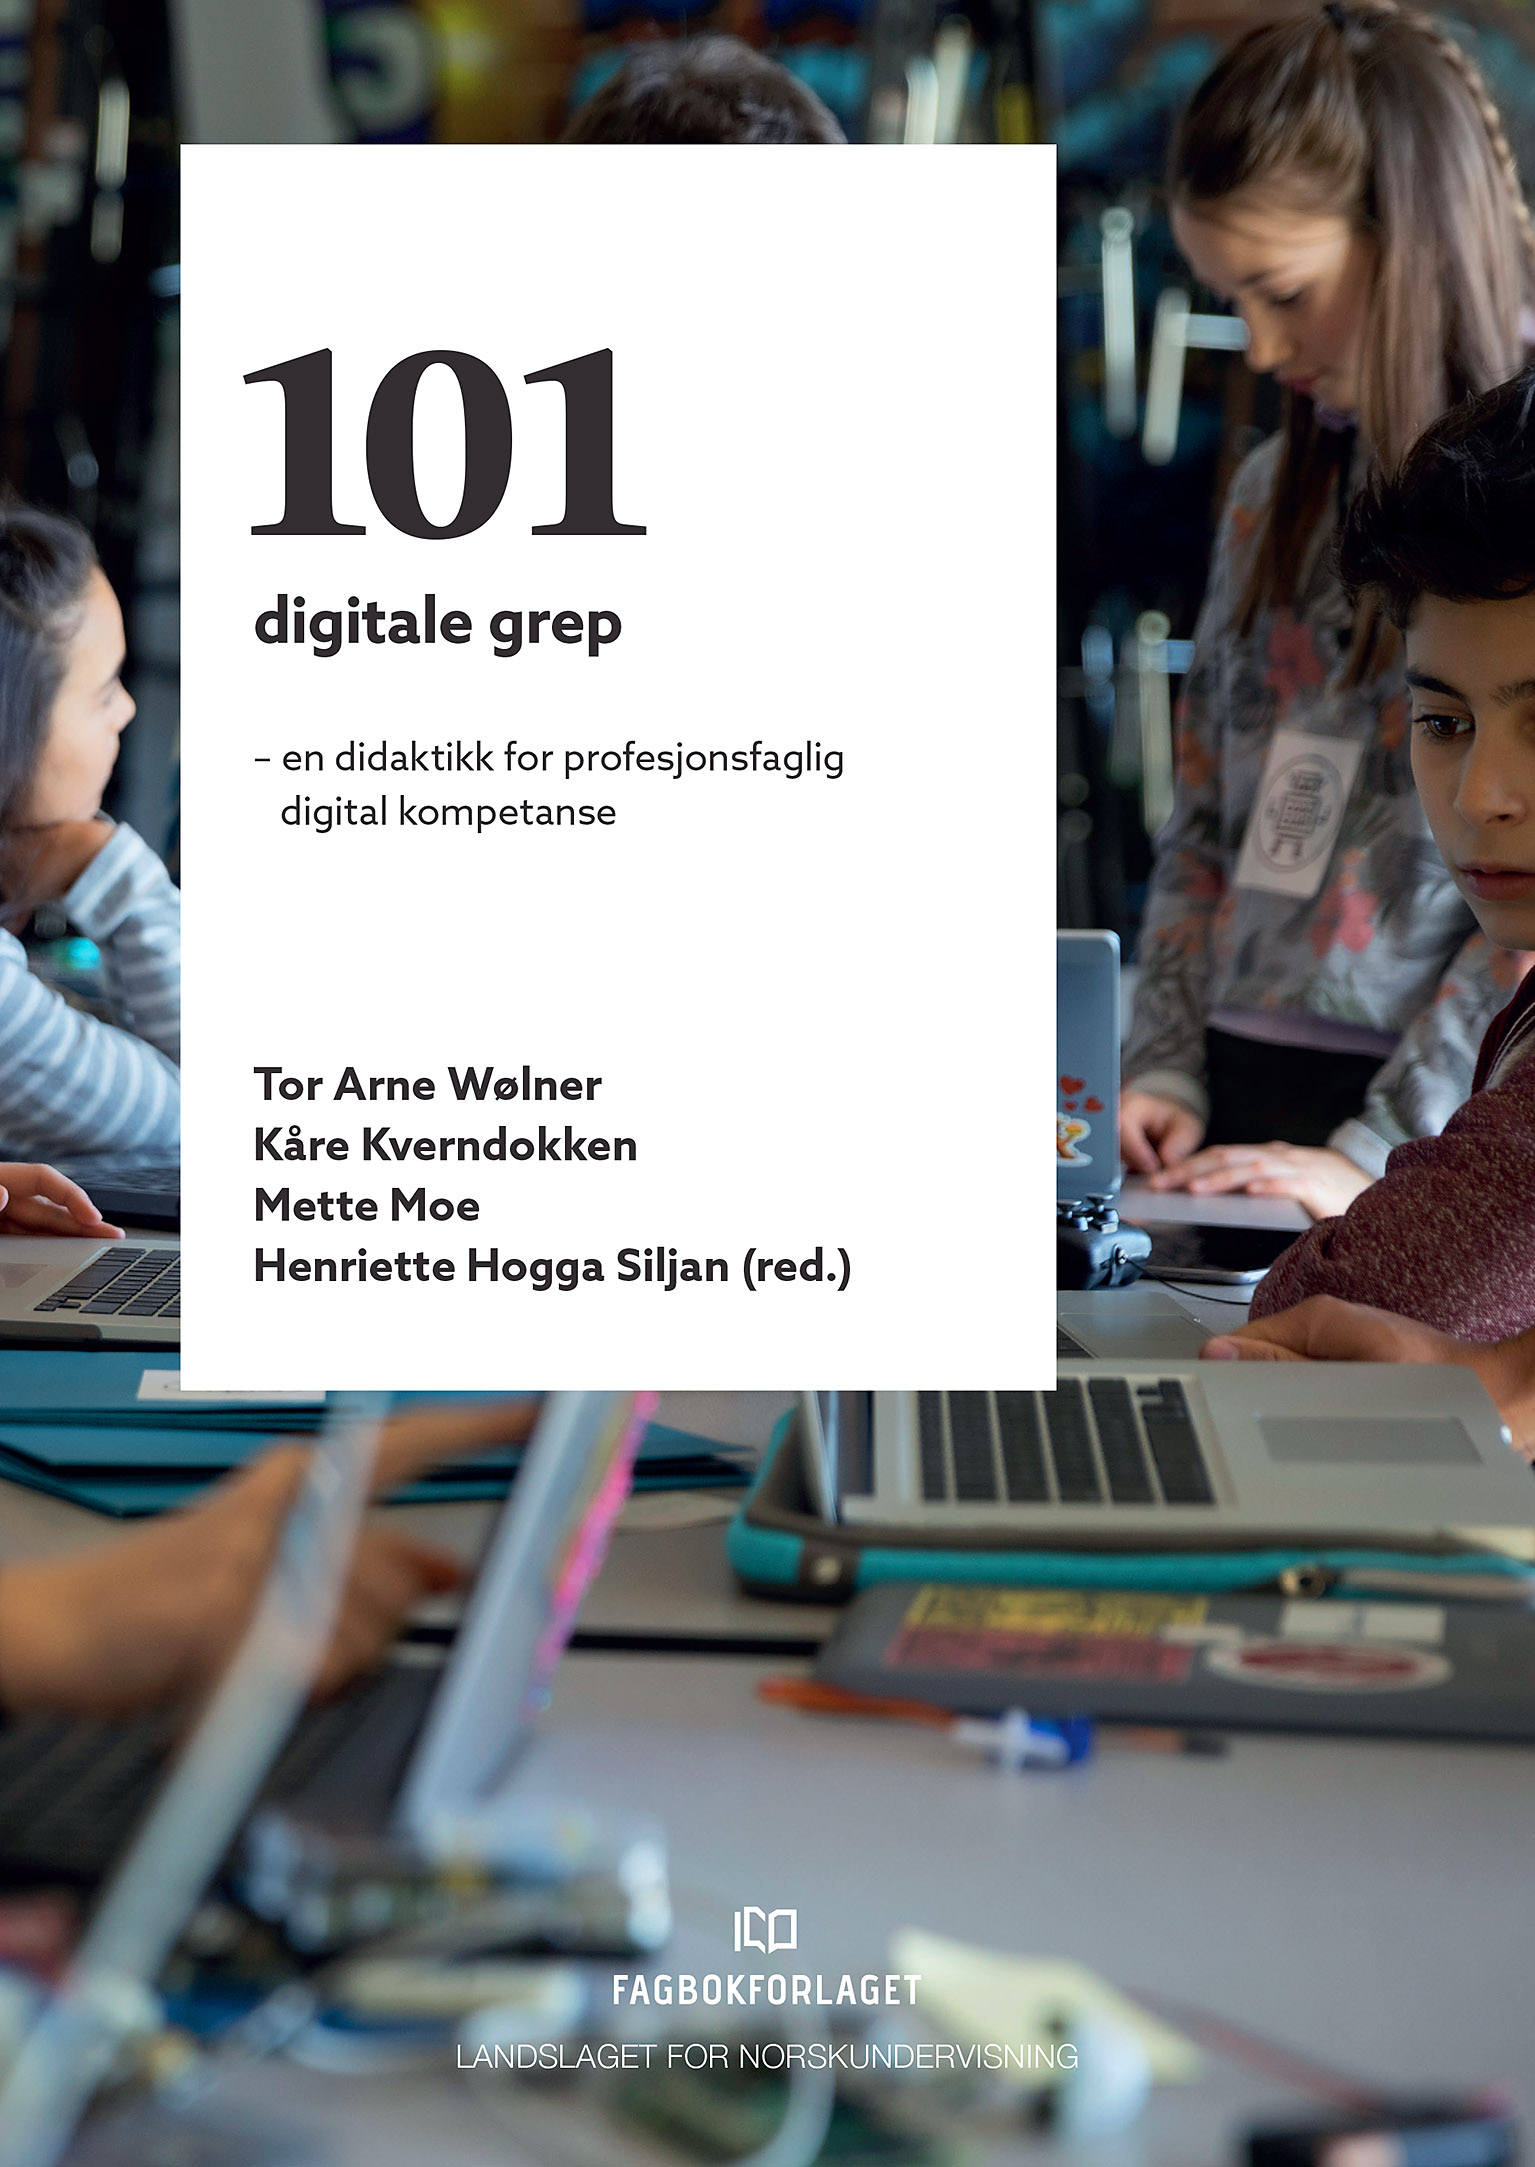 101 digitale grep  , av Tor Arne Wølner, Kåre Kverndokken, Mette Moe og Henriete Hoga Siljan